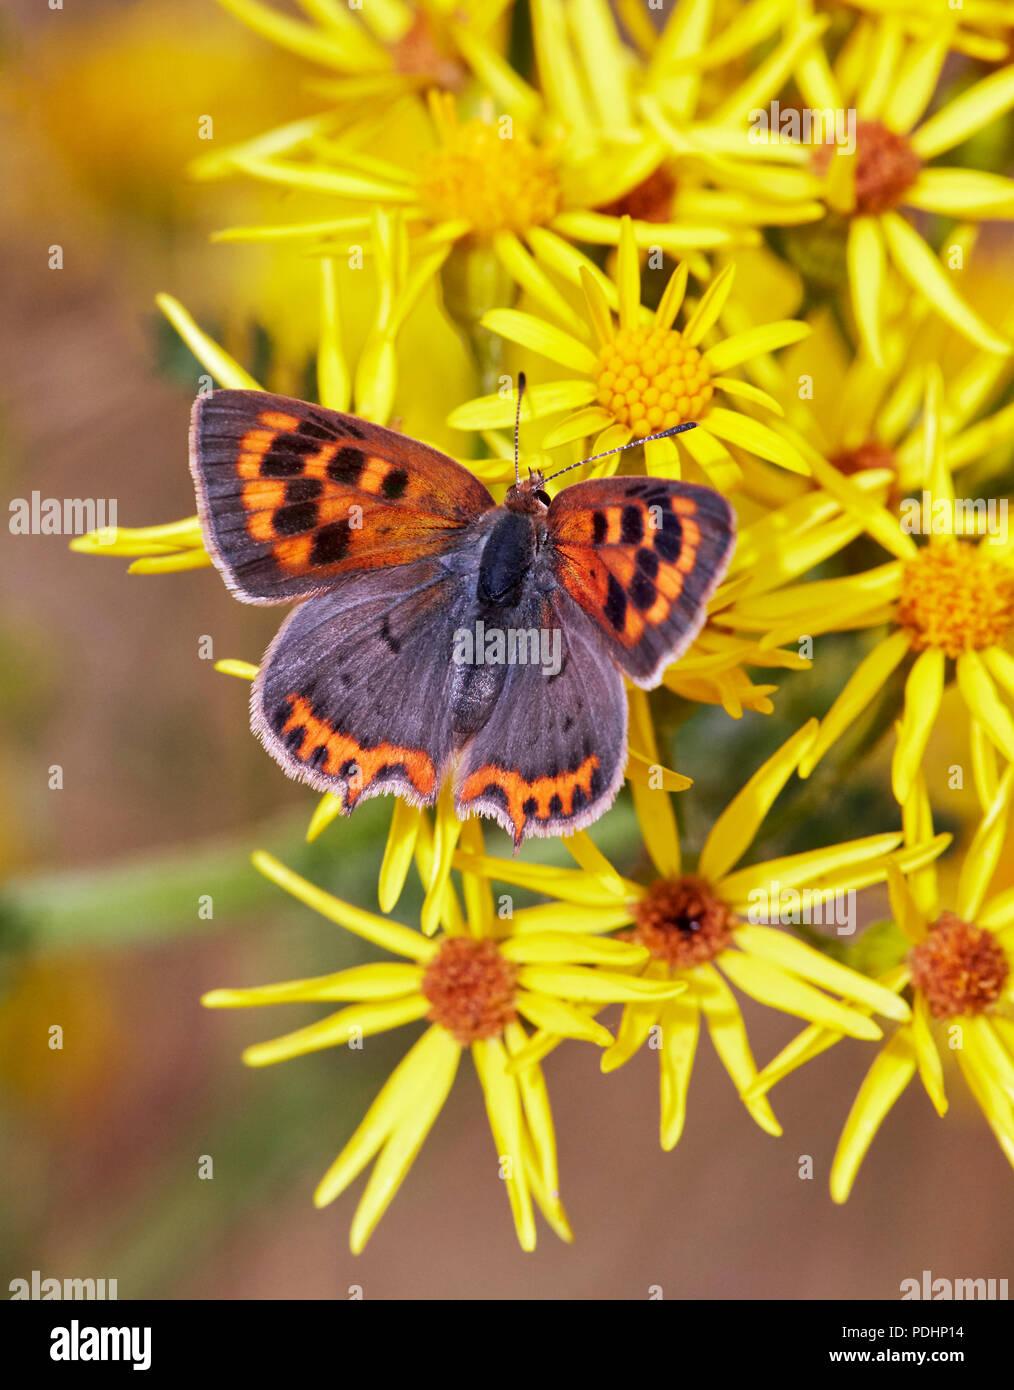 Piccola aberrazione di rame extensa nectaring su erba tossica. Hurst Prati, East Molesey Surrey, Inghilterra. Immagini Stock